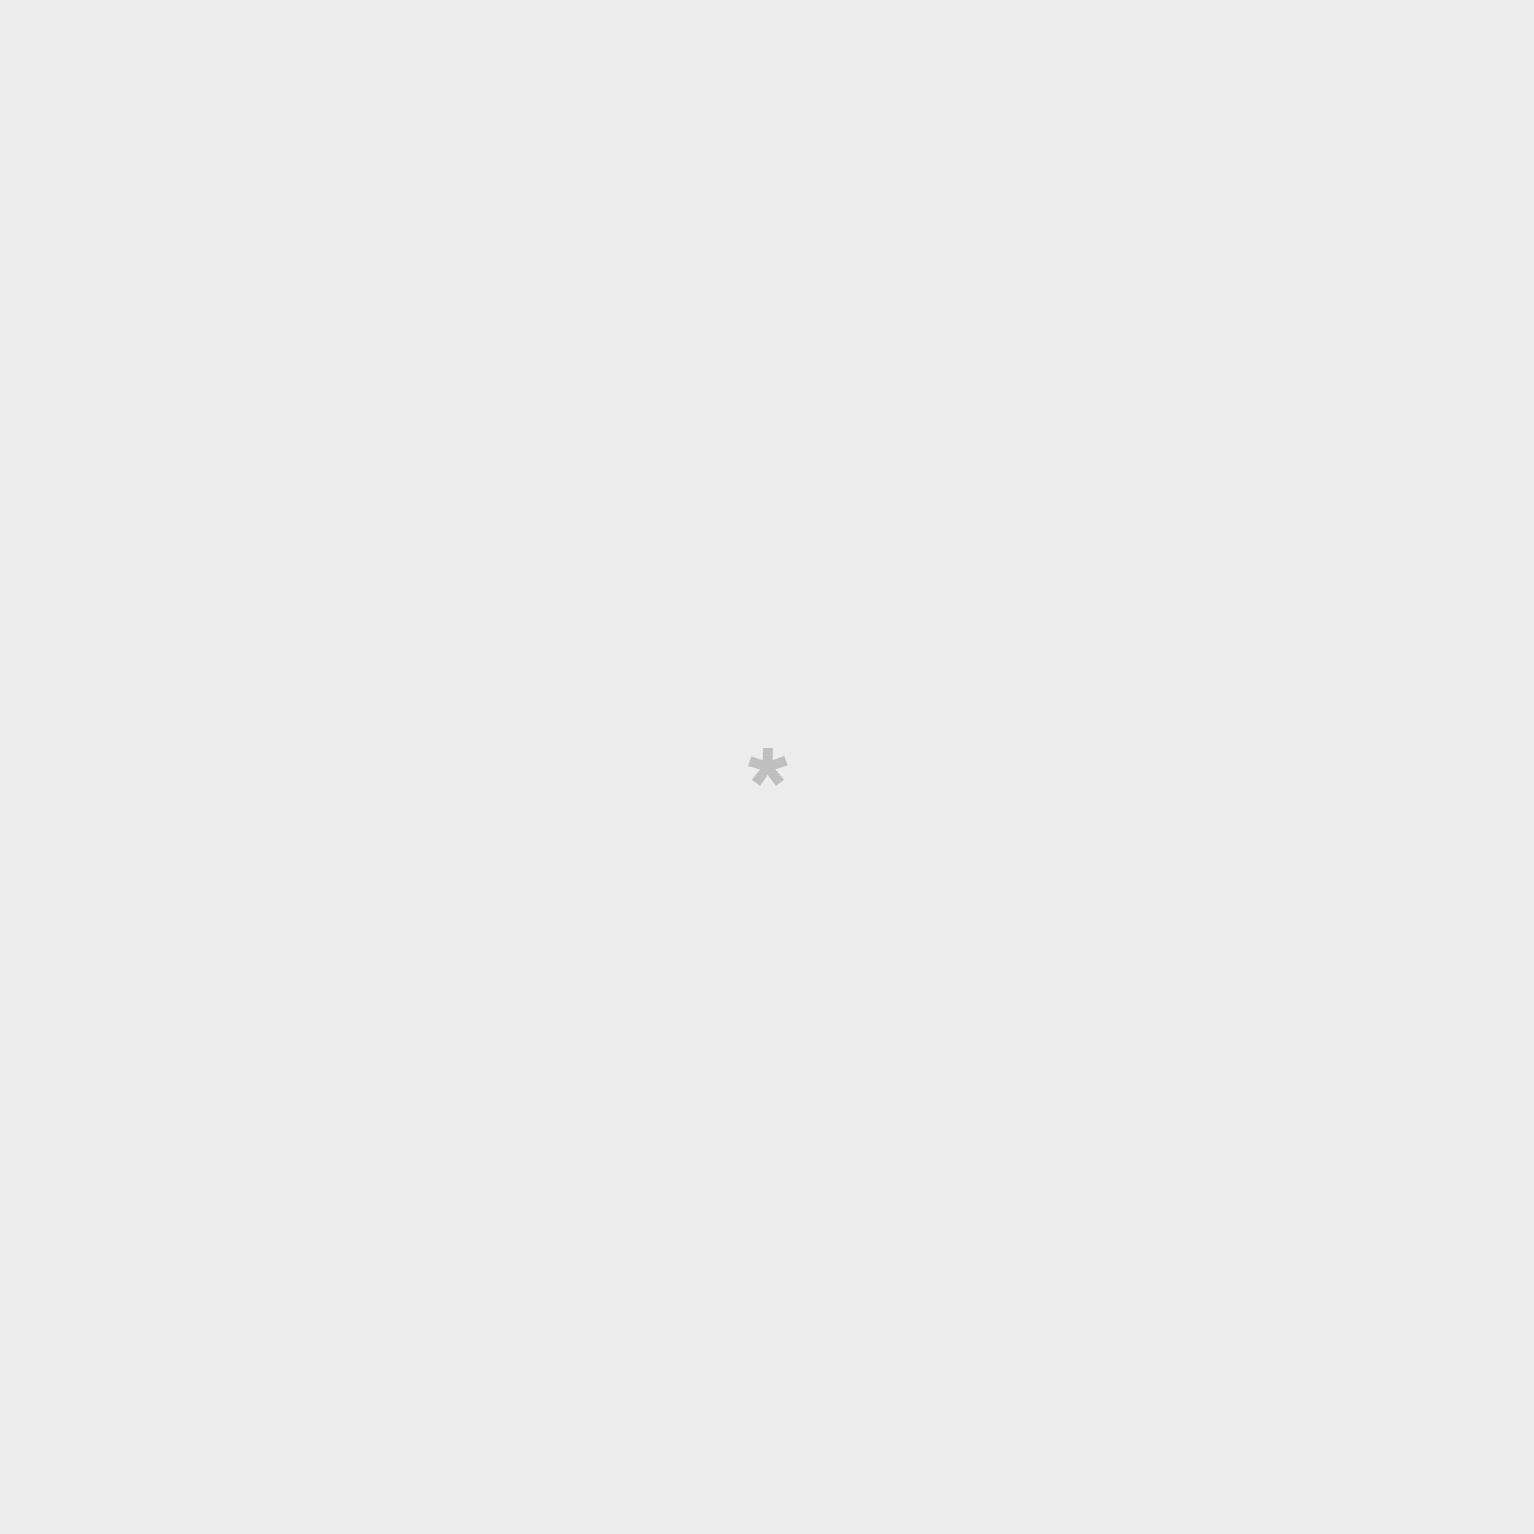 Jogo de cartas - 100 perguntas que só tu e eu sabemos